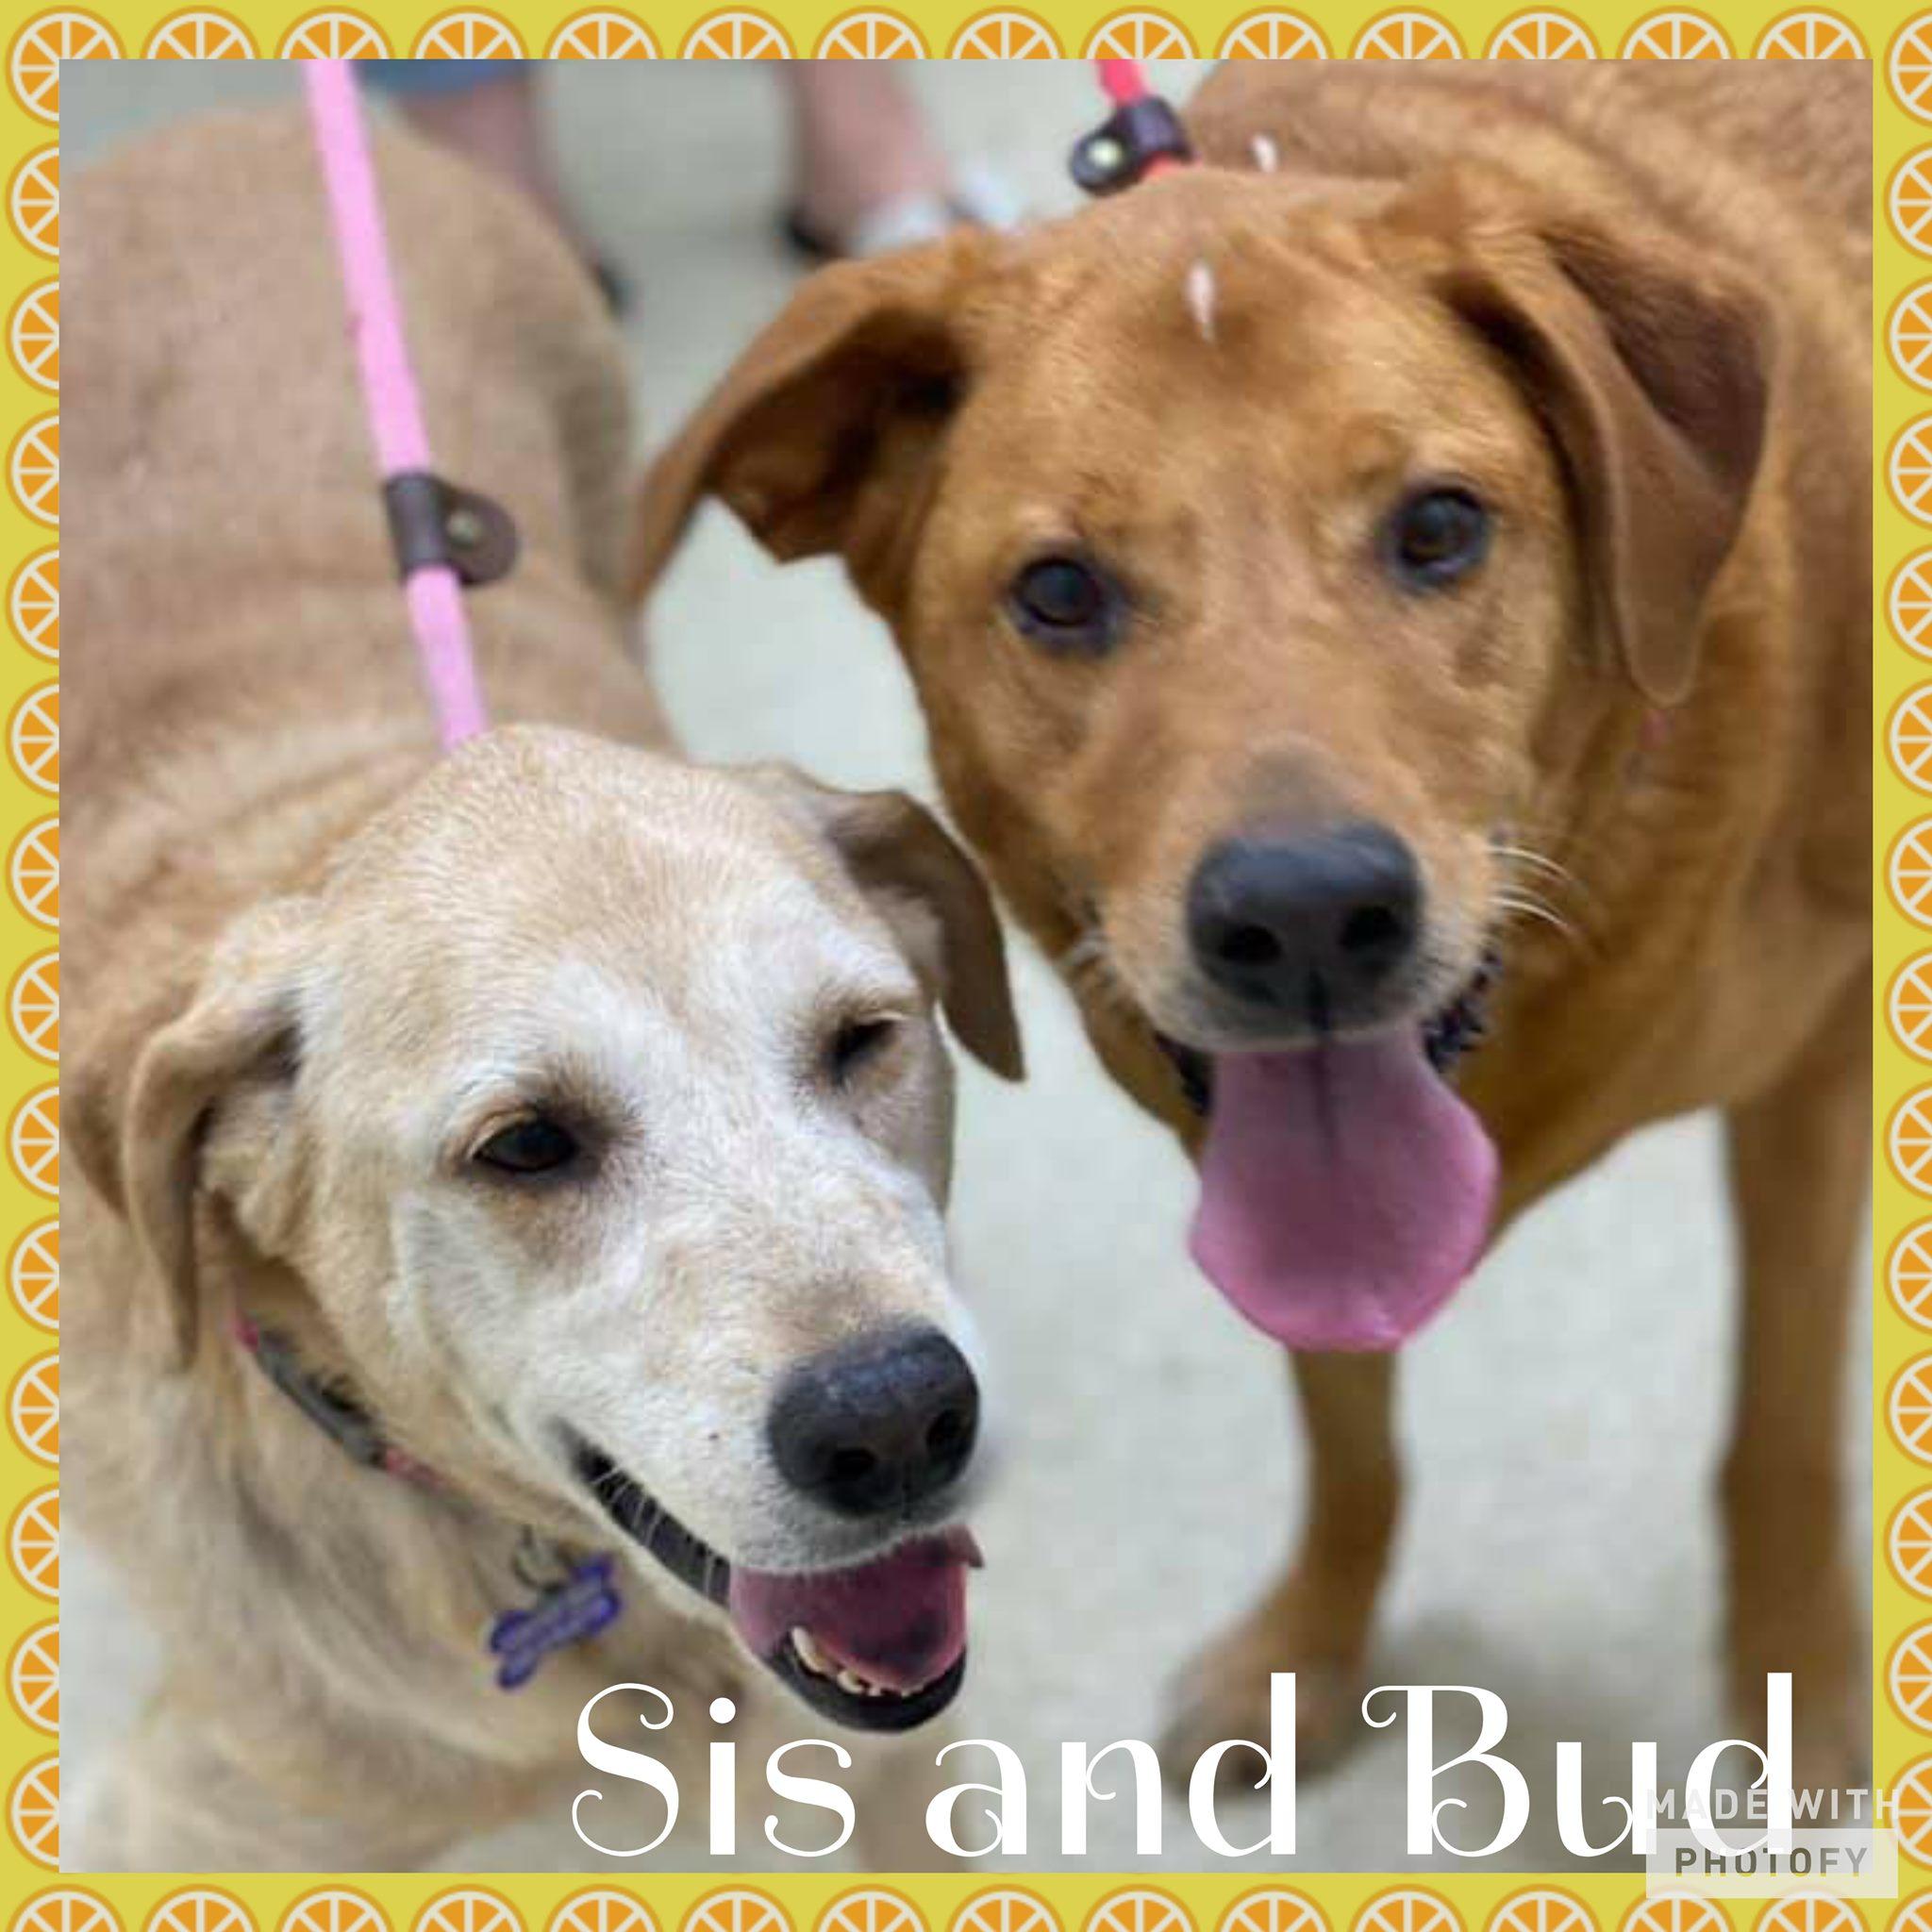 Bud and Sis